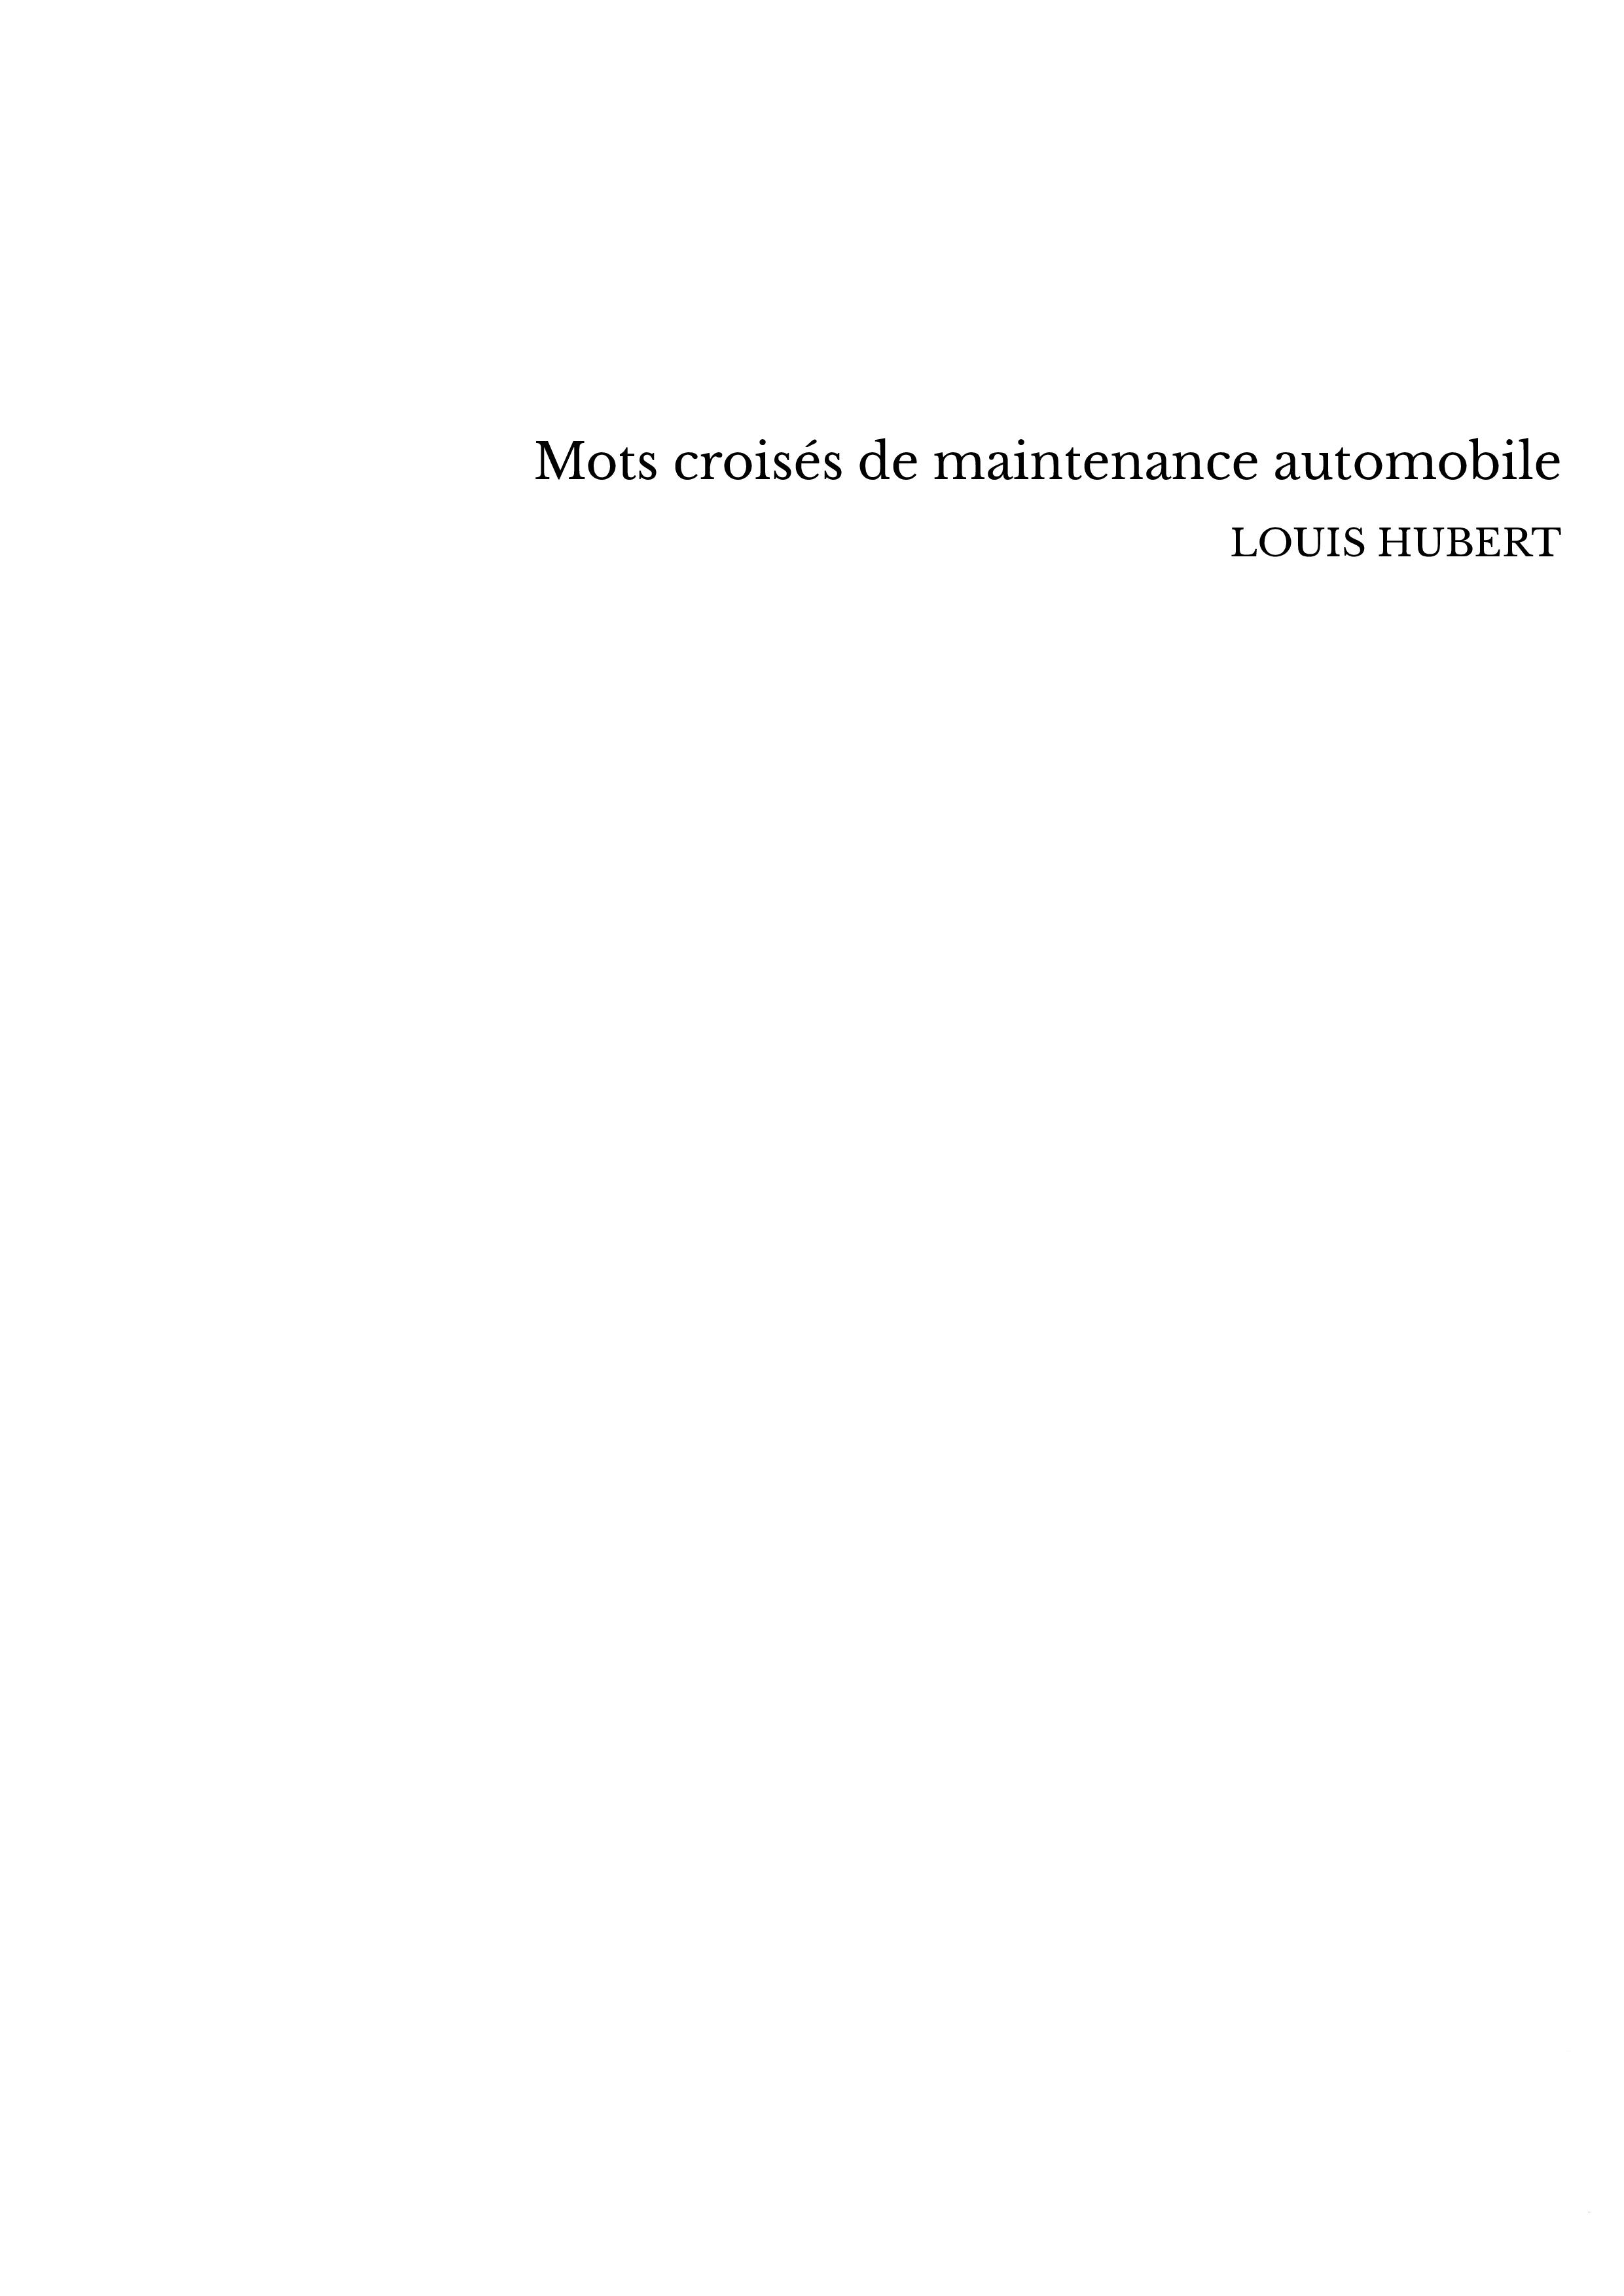 Mots croisés de maintenance automobile